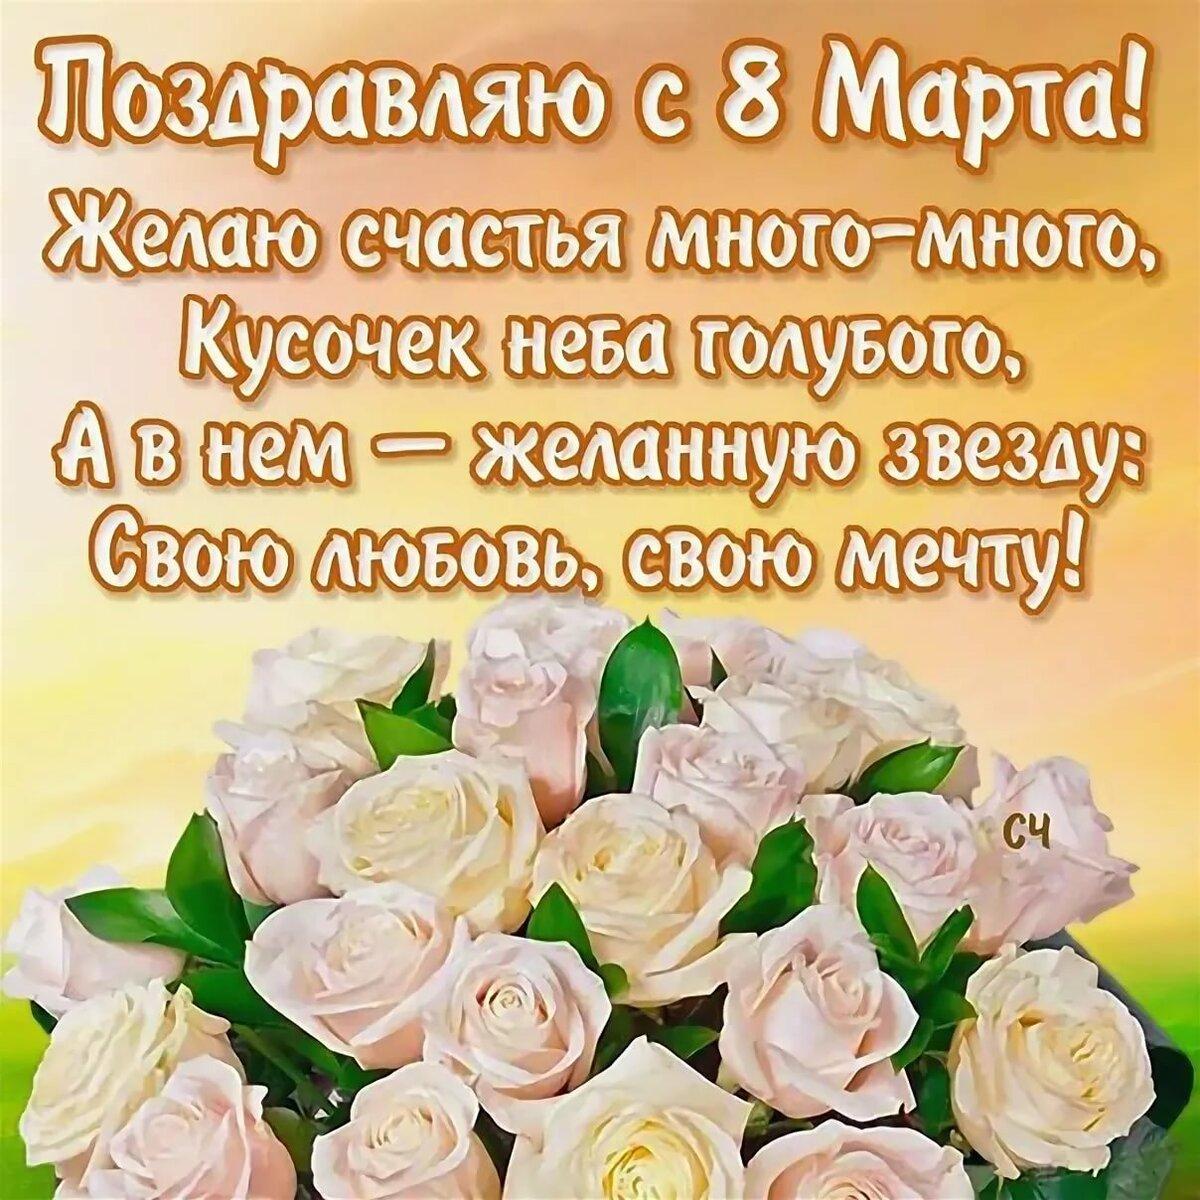 Поздравление с днем 8 марта в стихах женщине